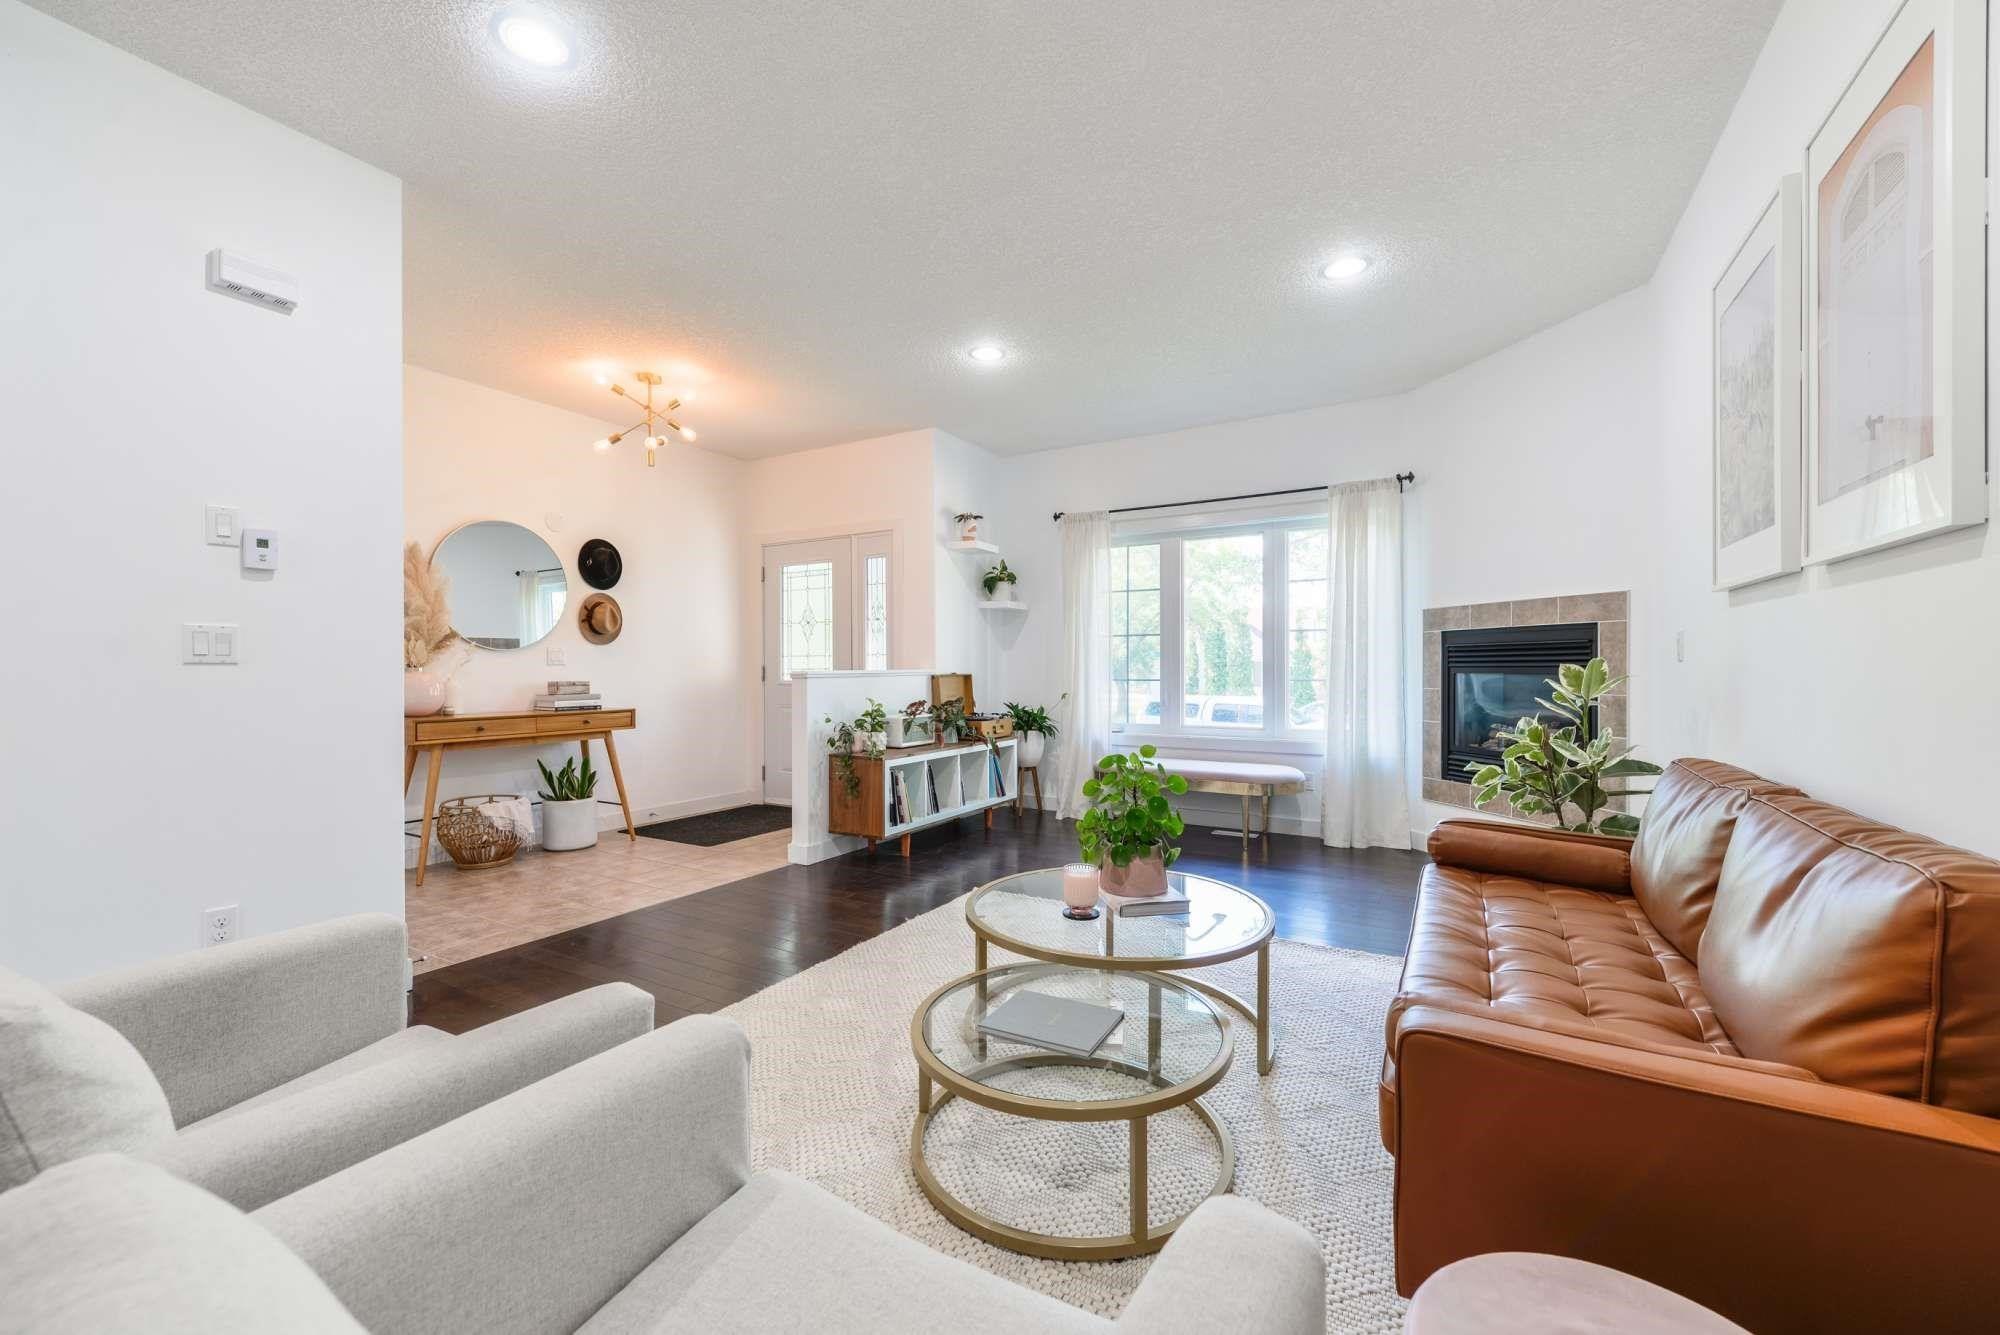 Main Photo: 7706 79 Avenue in Edmonton: Zone 17 House Half Duplex for sale : MLS®# E4252889